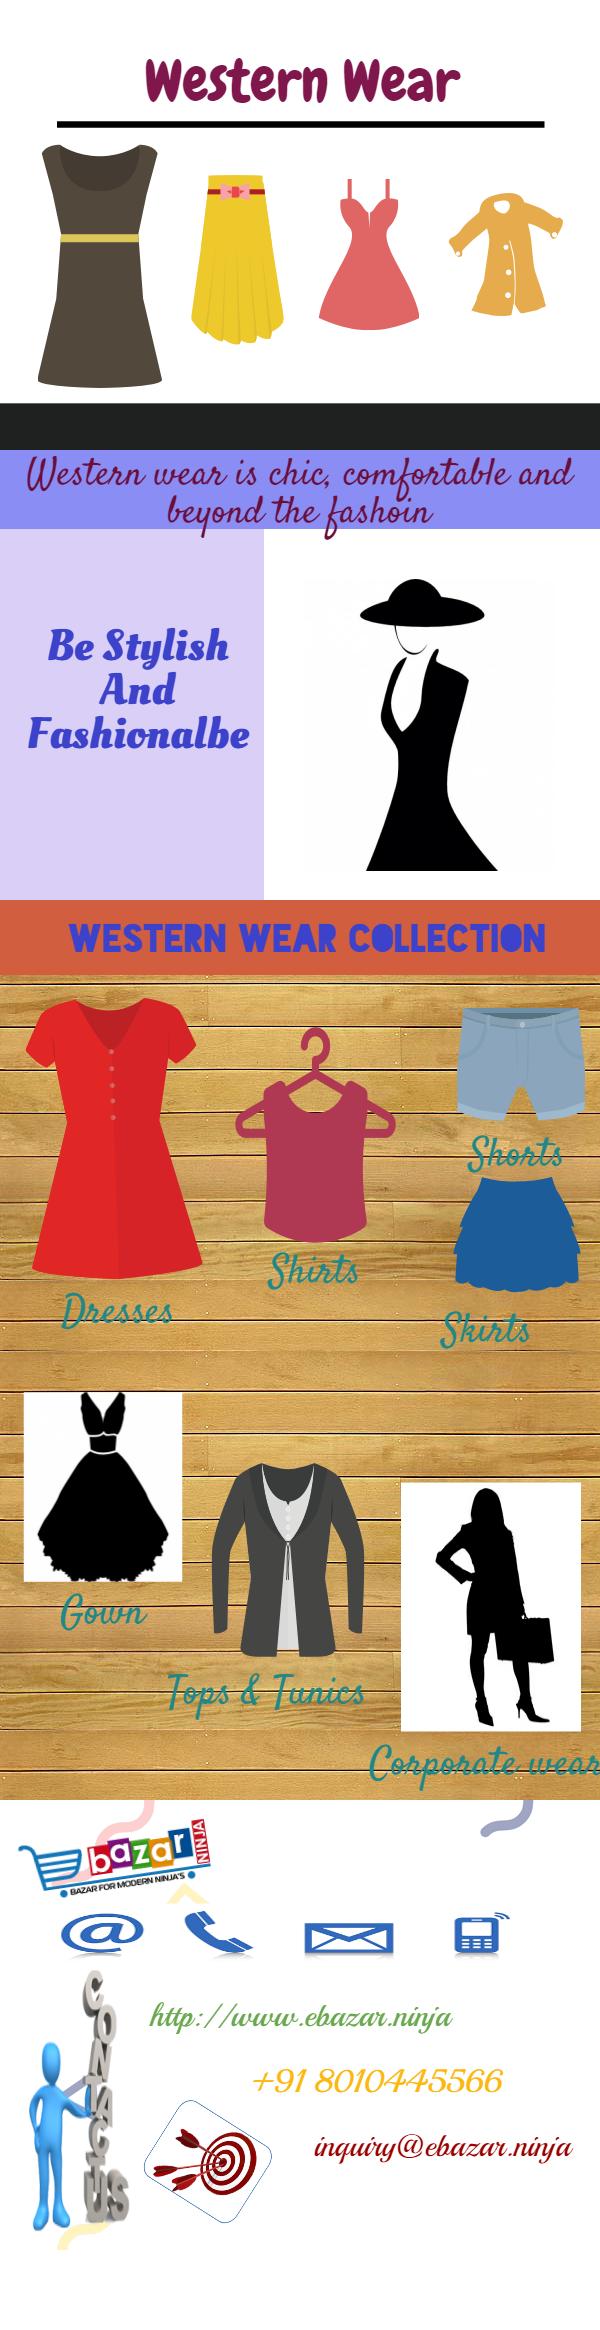 western-wear_16562801_d4007d29457020e21d27d3d522e0d88fd4872630